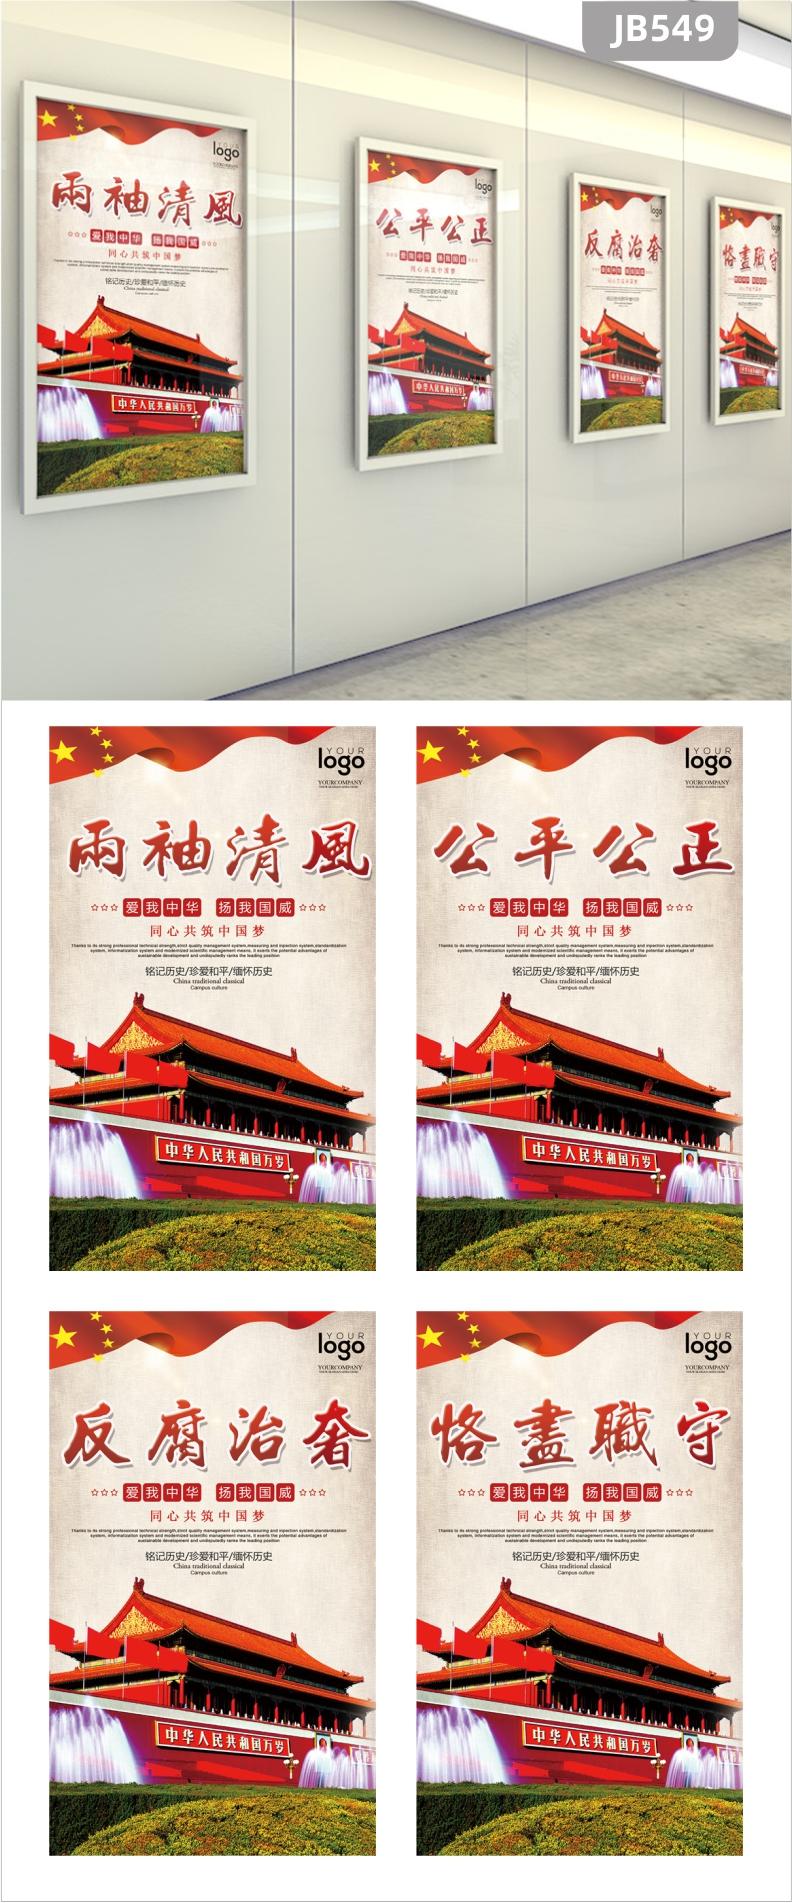 党支部活动室党建文化墙贴楼道梯走廊展板标语廉洁布置装饰挂画展板